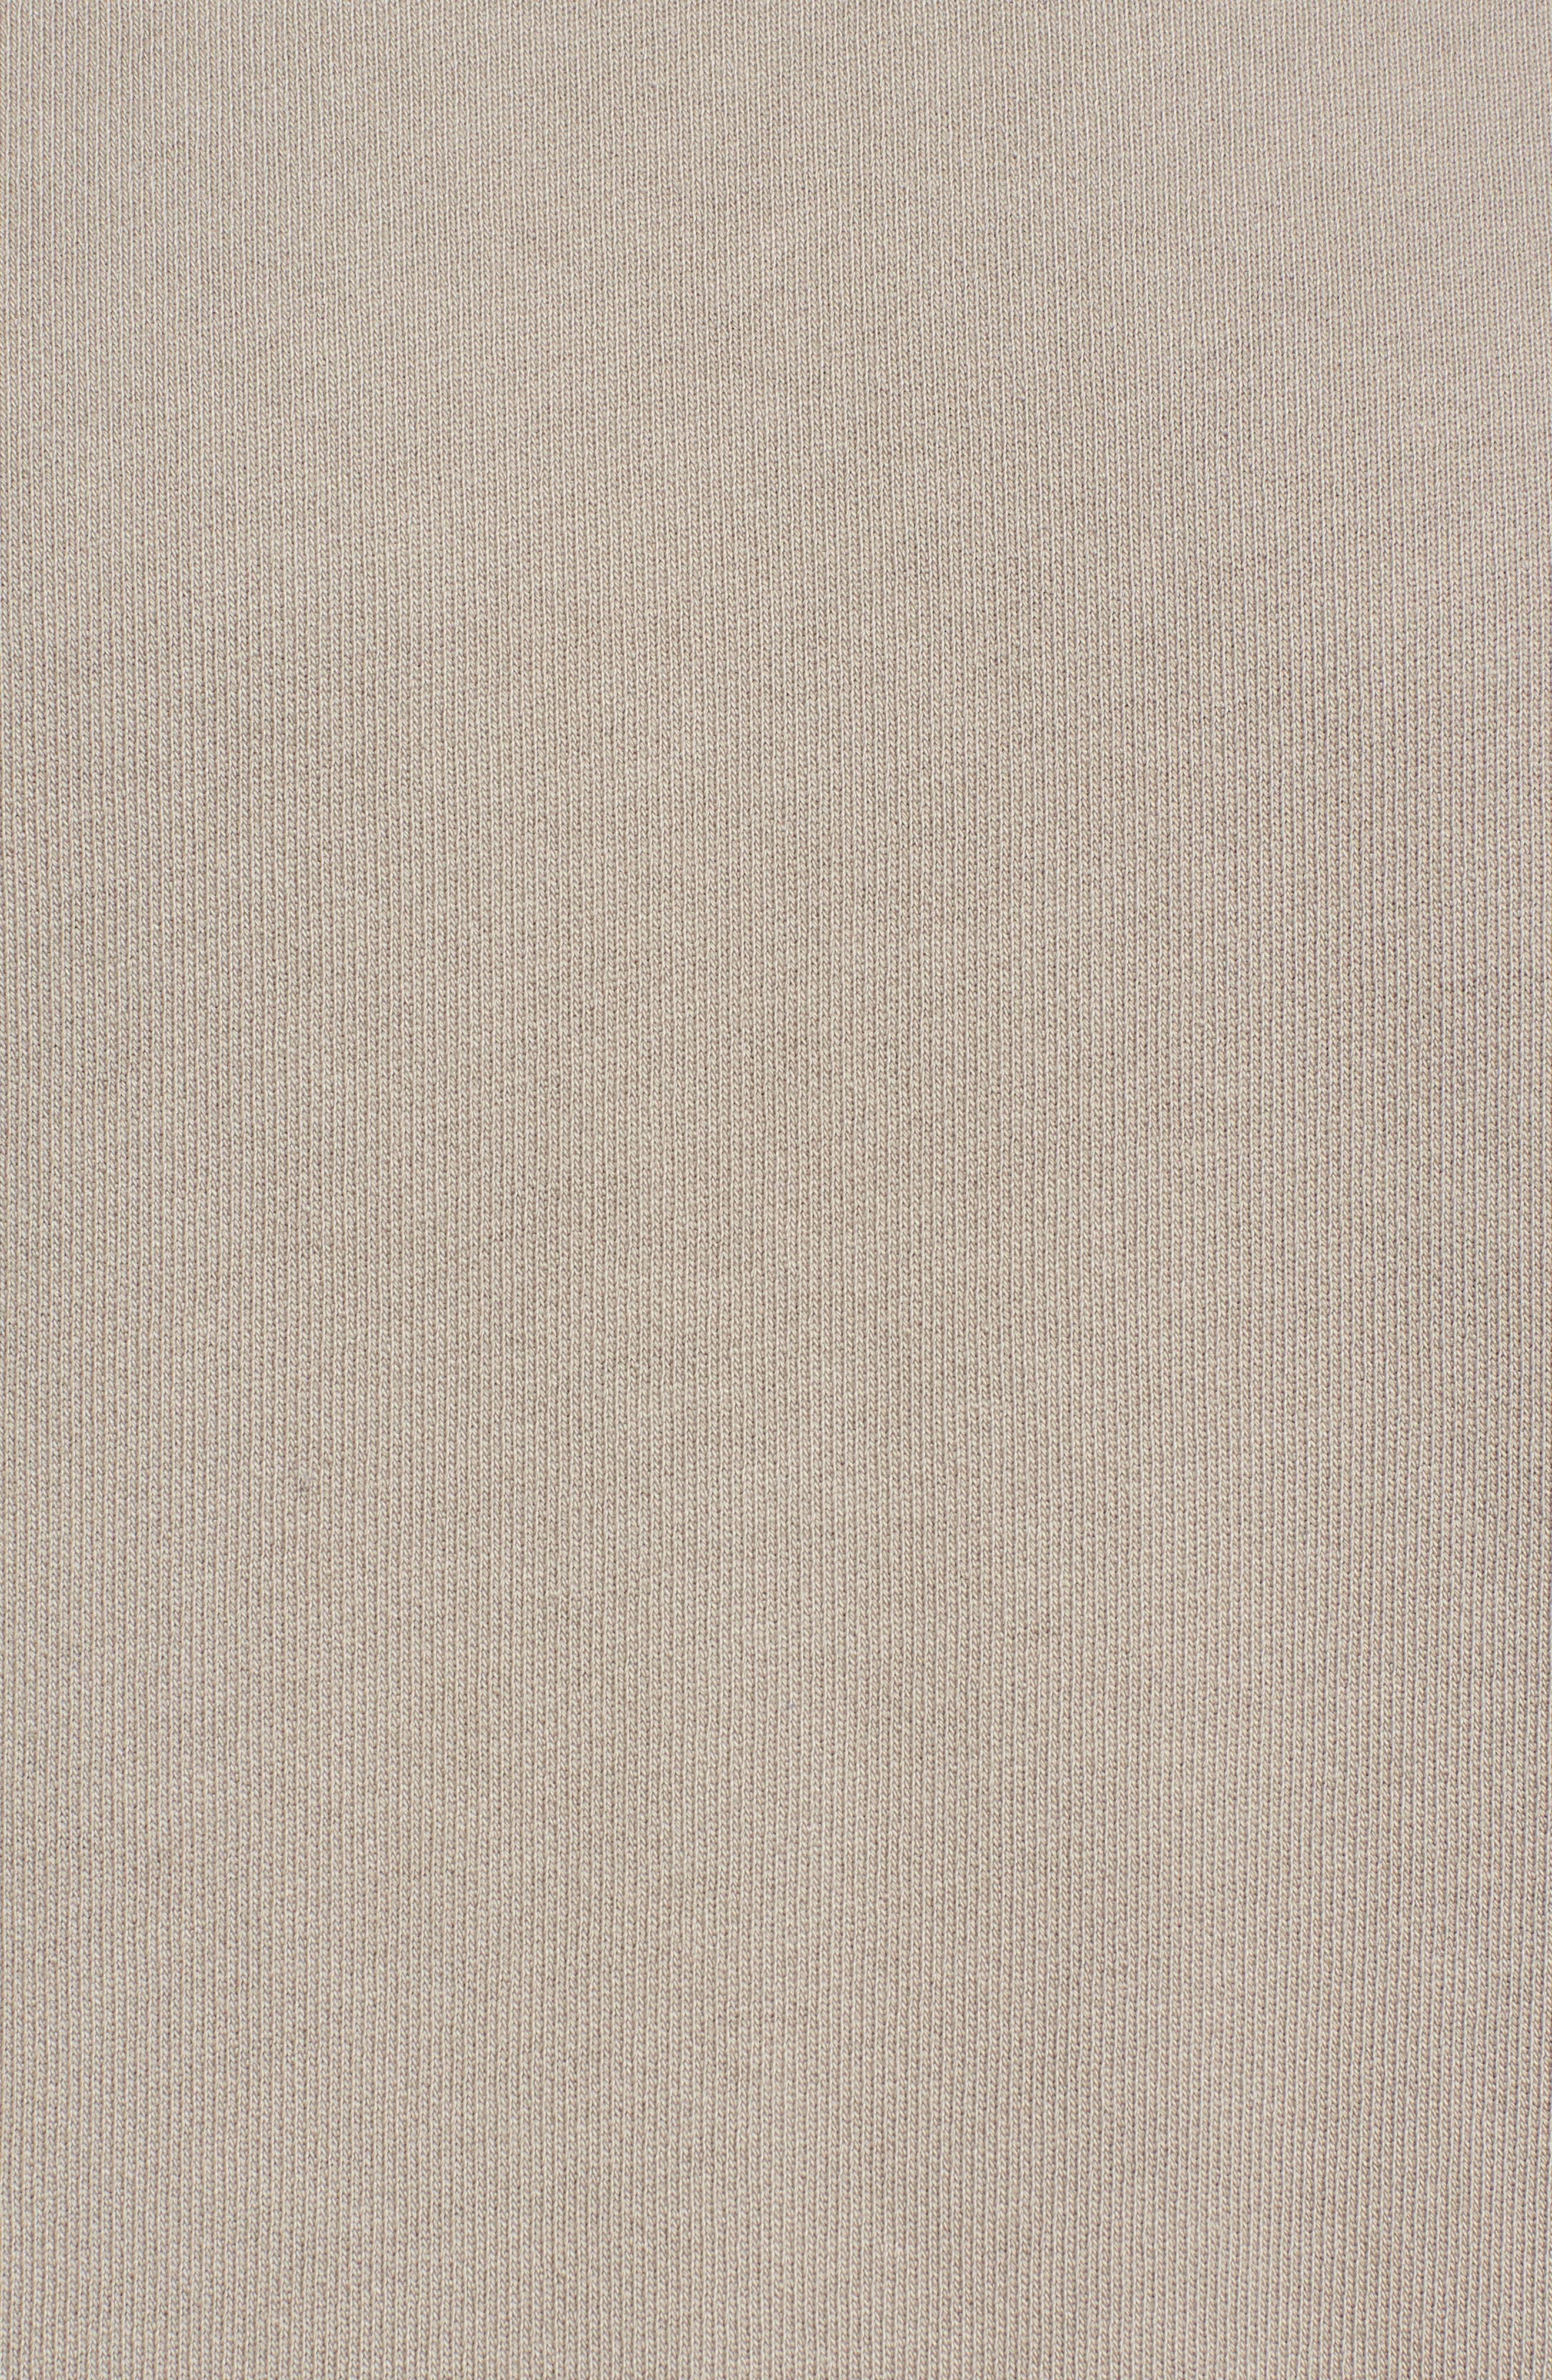 Drawcord Hem Sweatshirt,                             Alternate thumbnail 5, color,                             Tan Aluminum